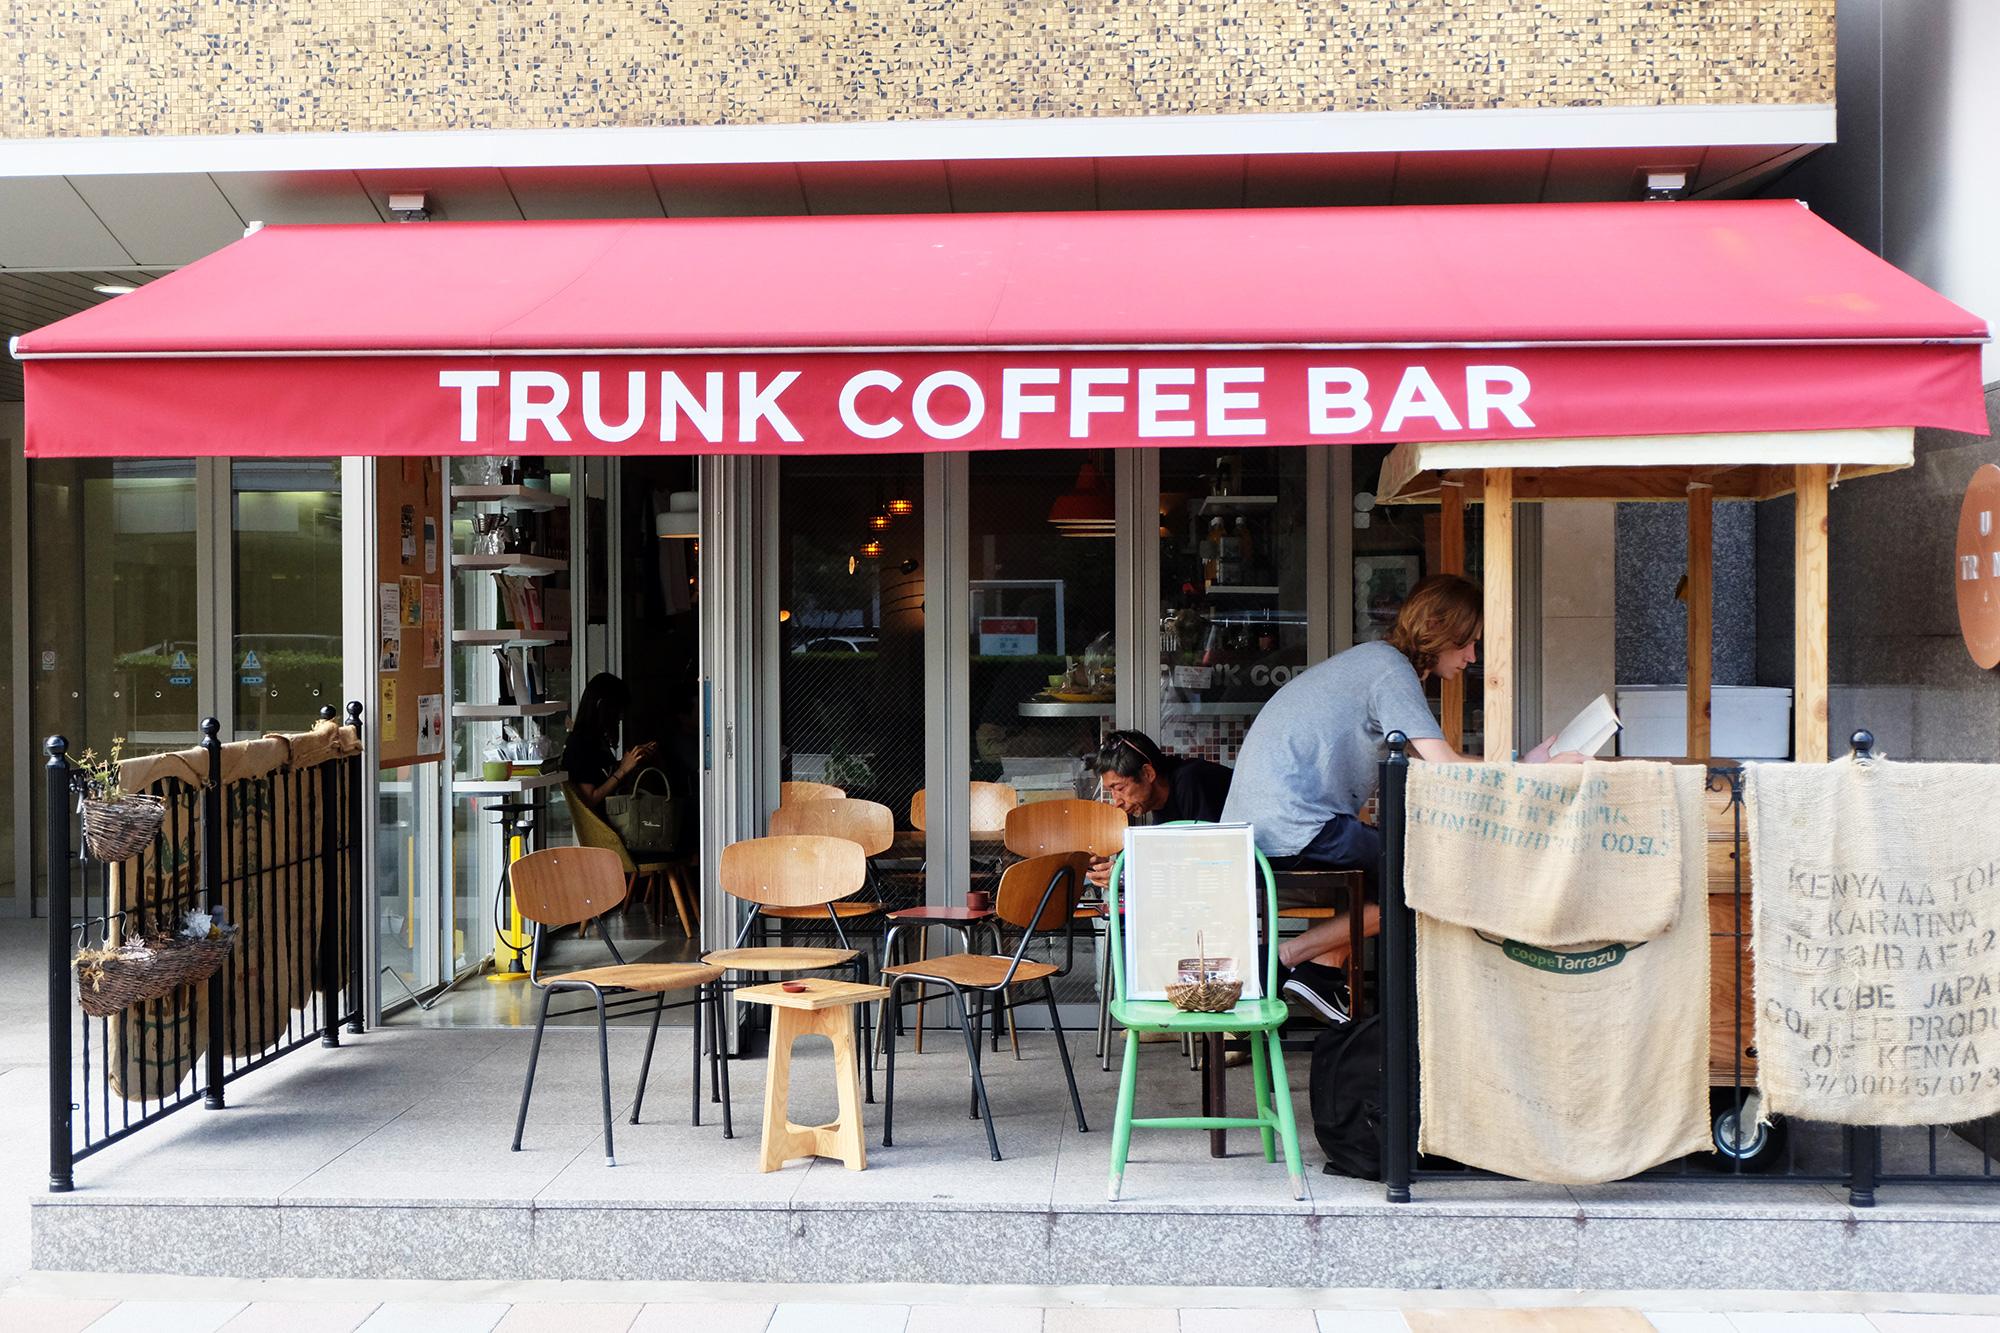 美味しいコーヒー豆を通販で。人気のオンラインショップまとめ TRUNK COFFEE BAR(トランク コーヒー バー)